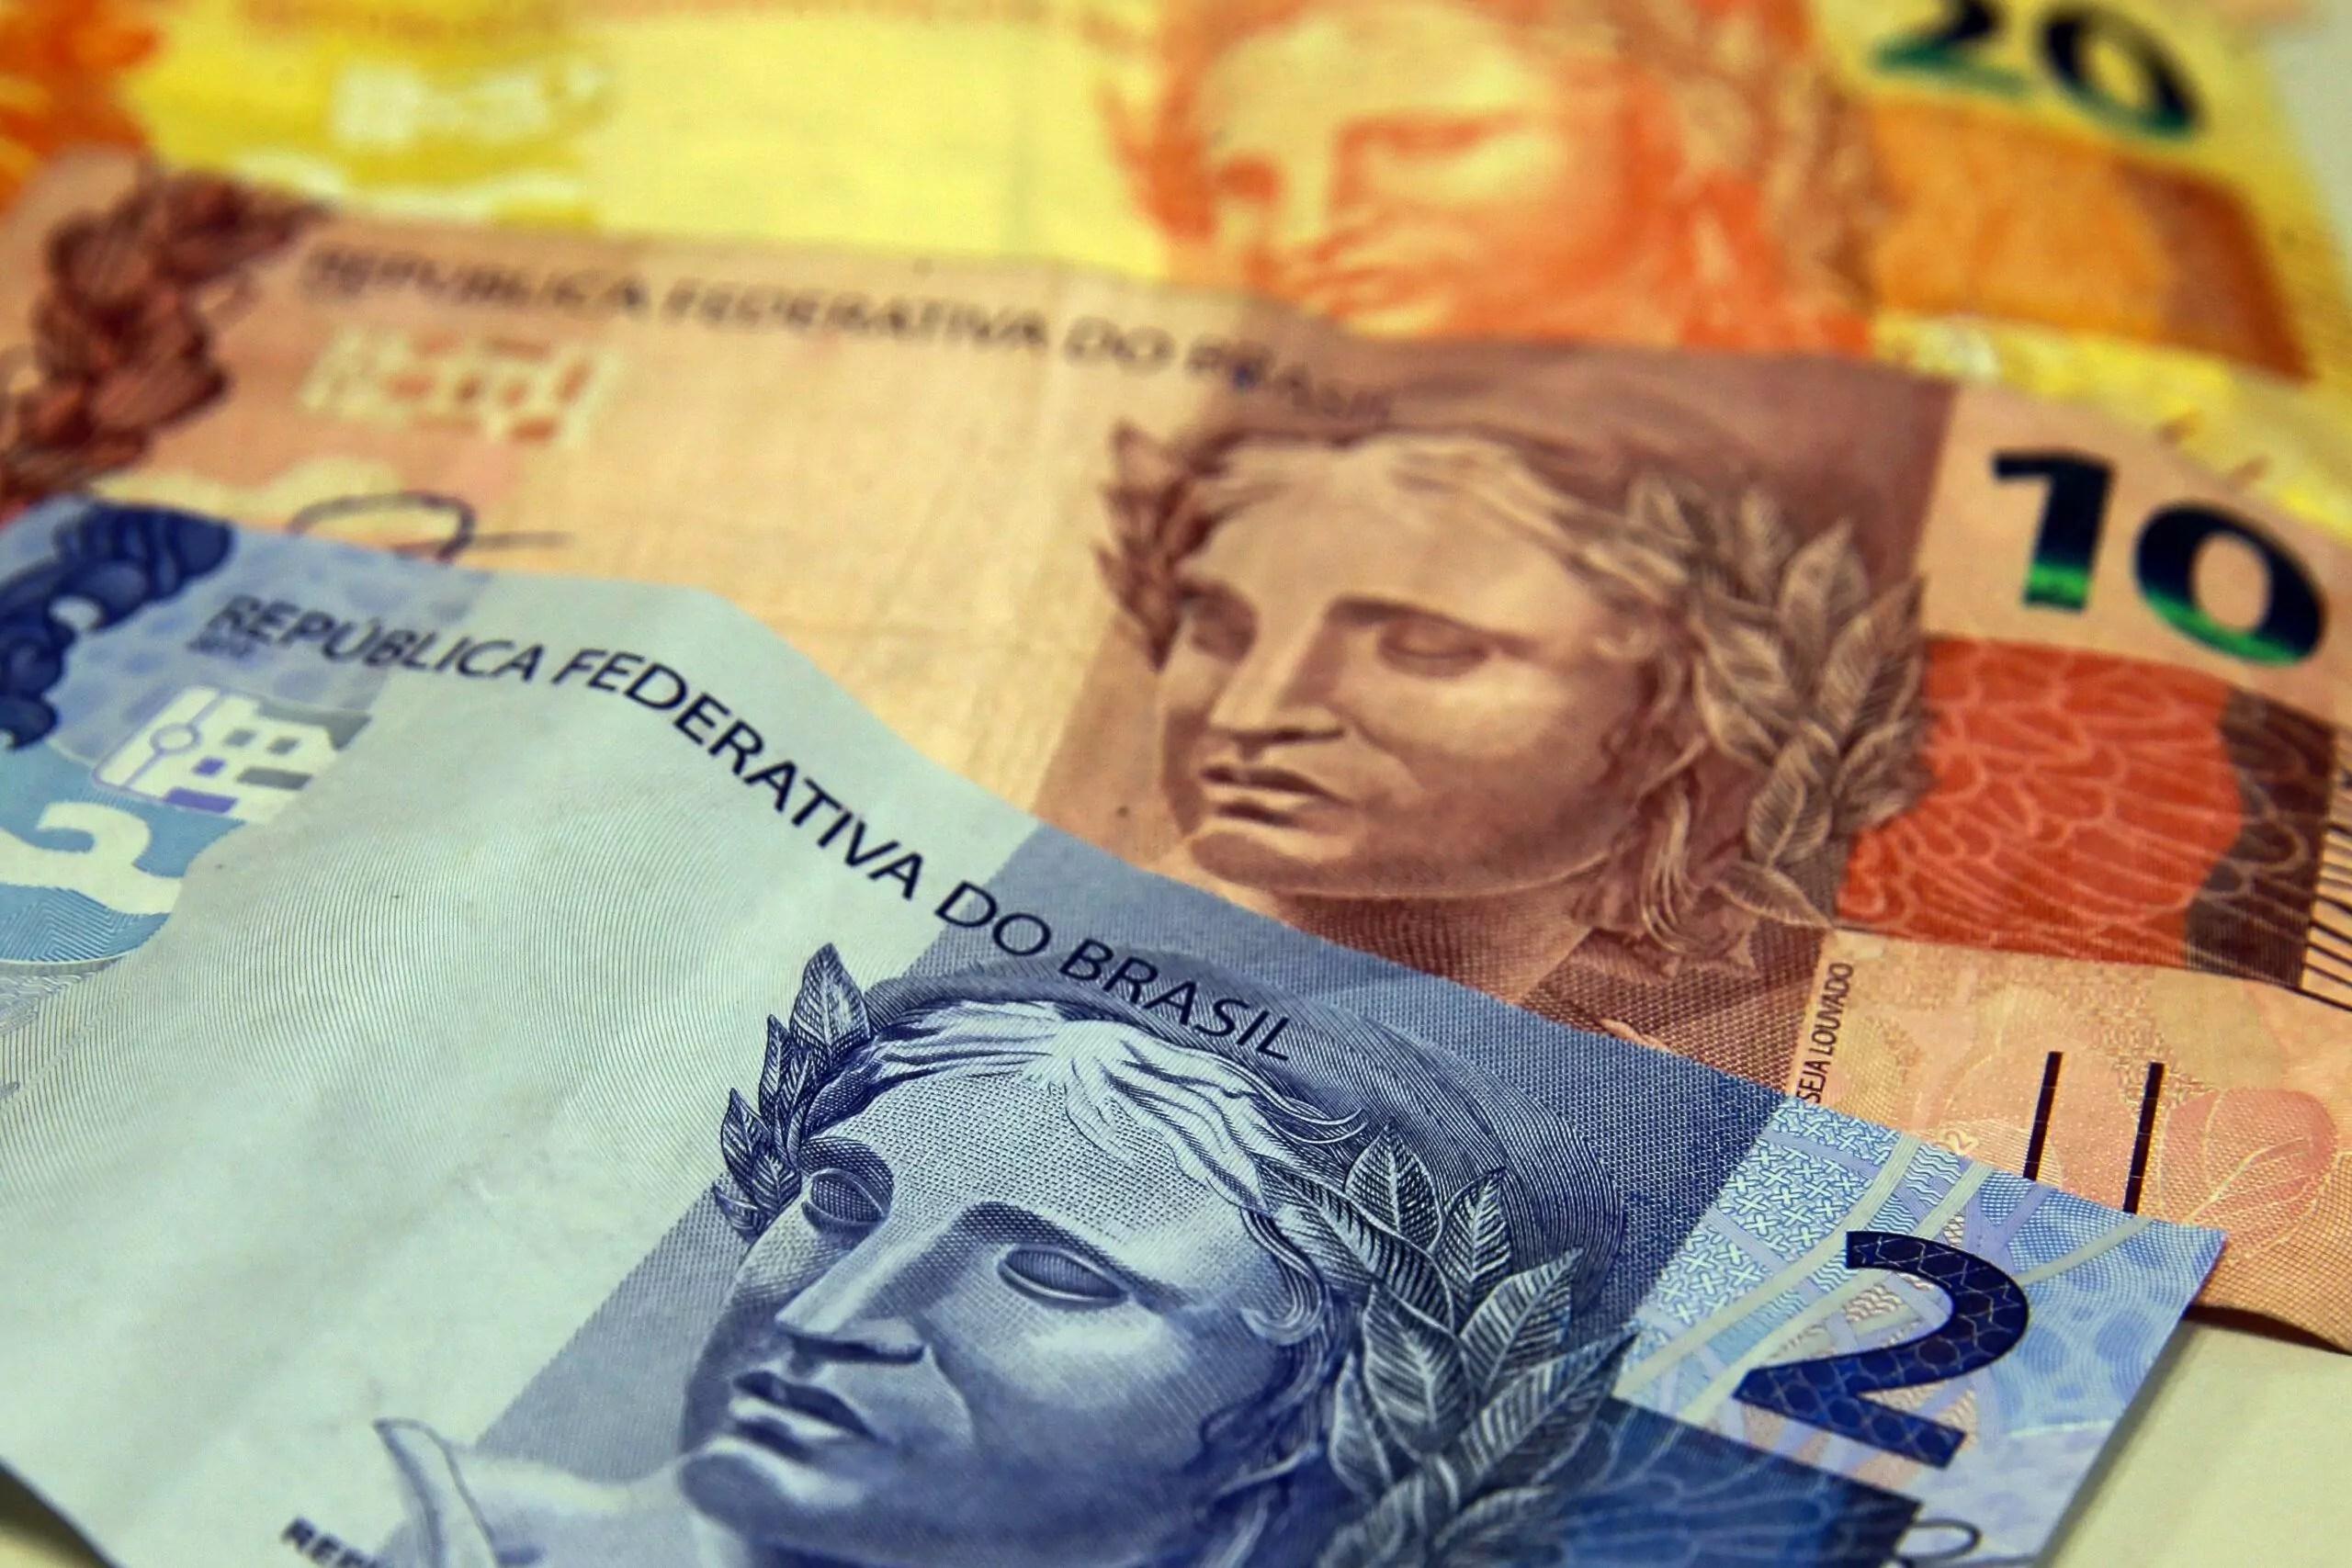 Bancos registraram queda de lucro no primeiro semestre de 2020. Foto: Marcello Casal Jr/Agência Brasil